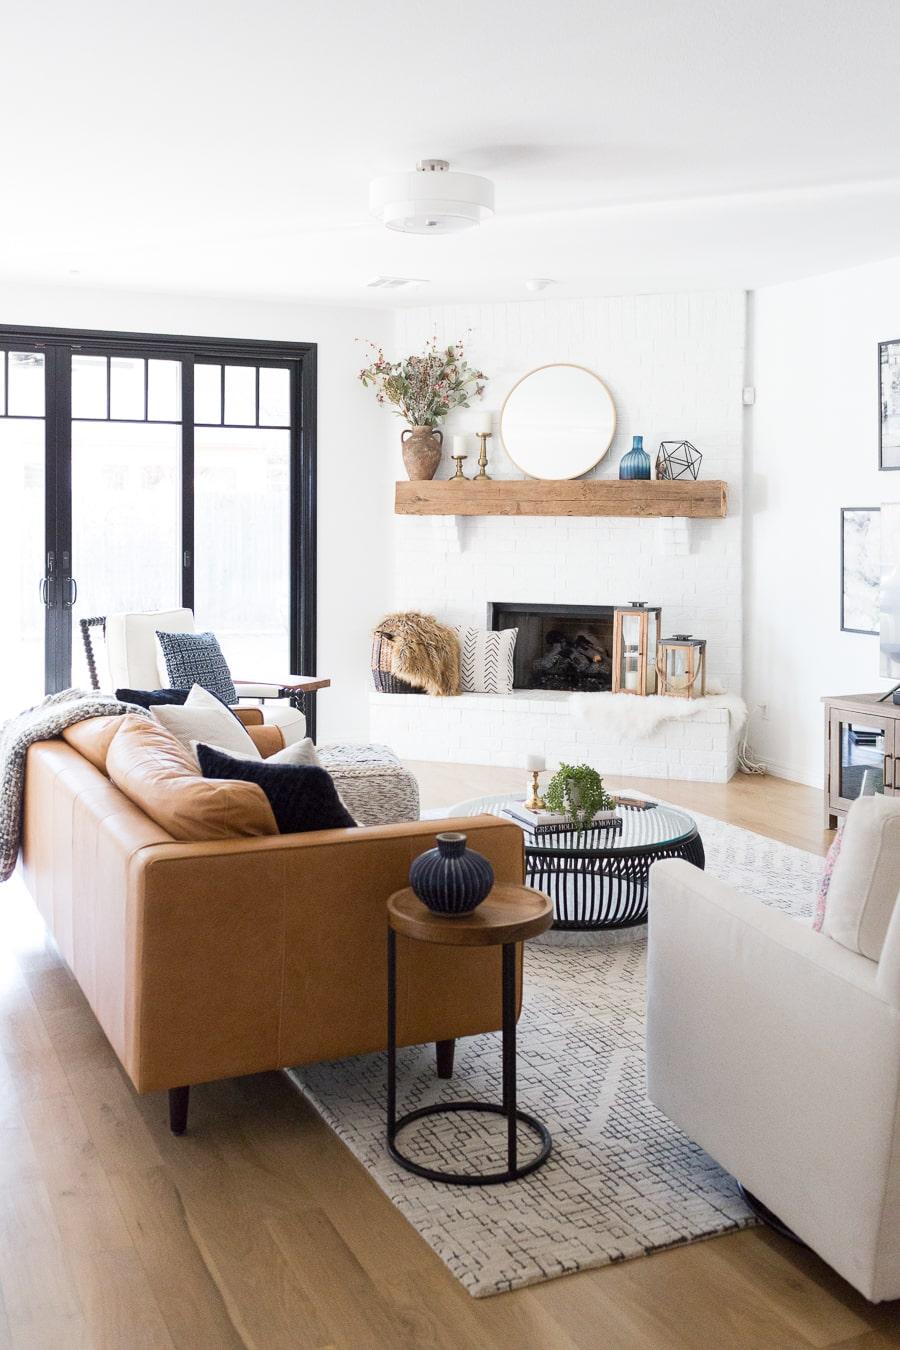 Modern fireplace- Maison de Pax